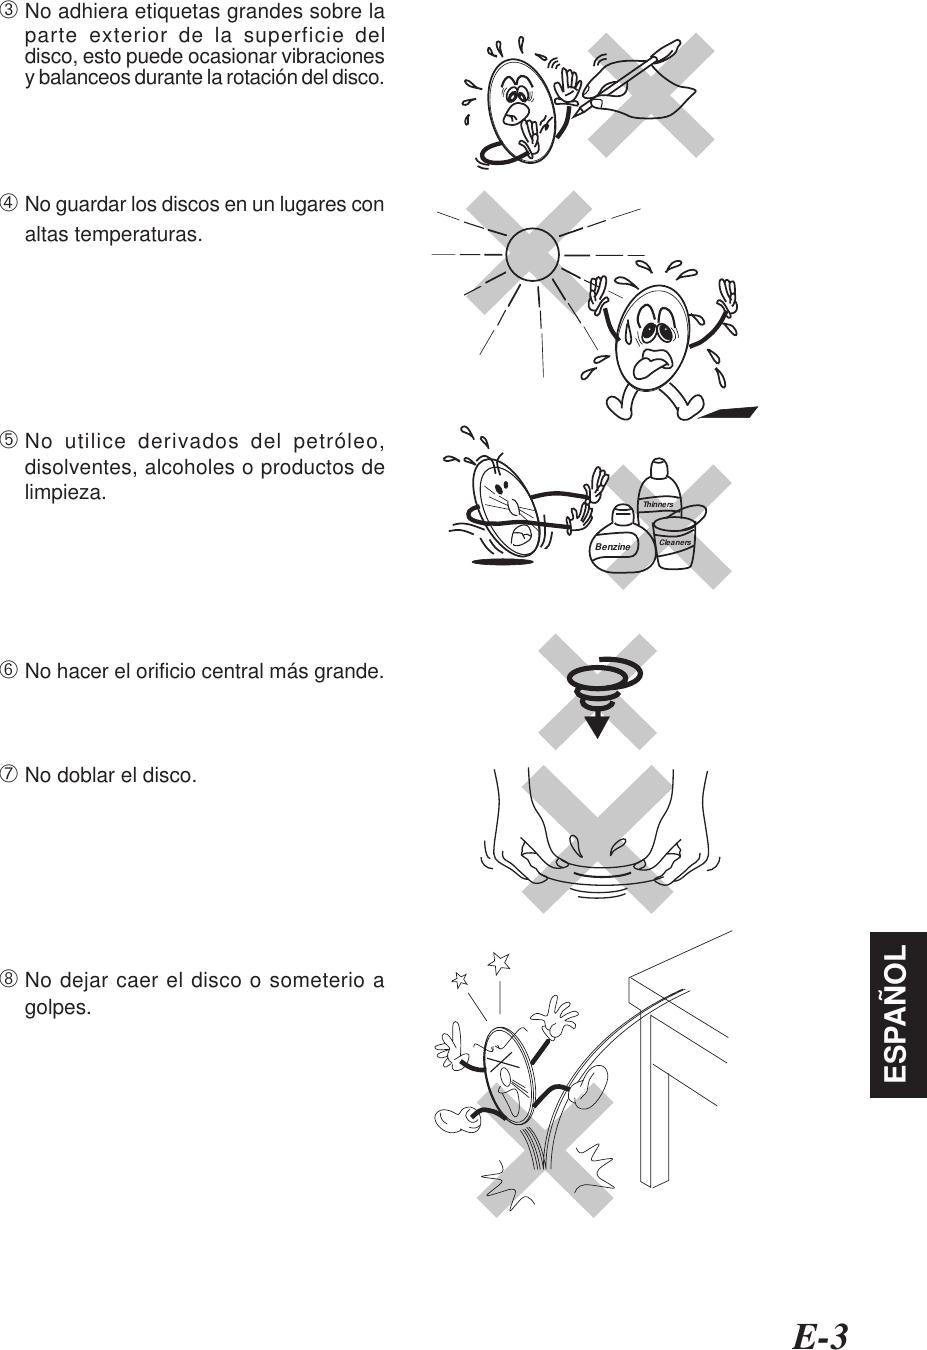 E-3ESPAÑOL➂No adhiera etiquetas grandes sobre laparte exterior de la superficie deldisco, esto puede ocasionar vibracionesy balanceos durante la rotación del disco.➃No guardar los discos en un lugares conaltas temperaturas.➄No utilice derivados del petróleo,disolventes, alcoholes o productos delimpieza.➅No hacer el orificio central más grande.➆No doblar el disco.➇No dejar caer el disco o someterio agolpes.BenzineThinnersCleaners